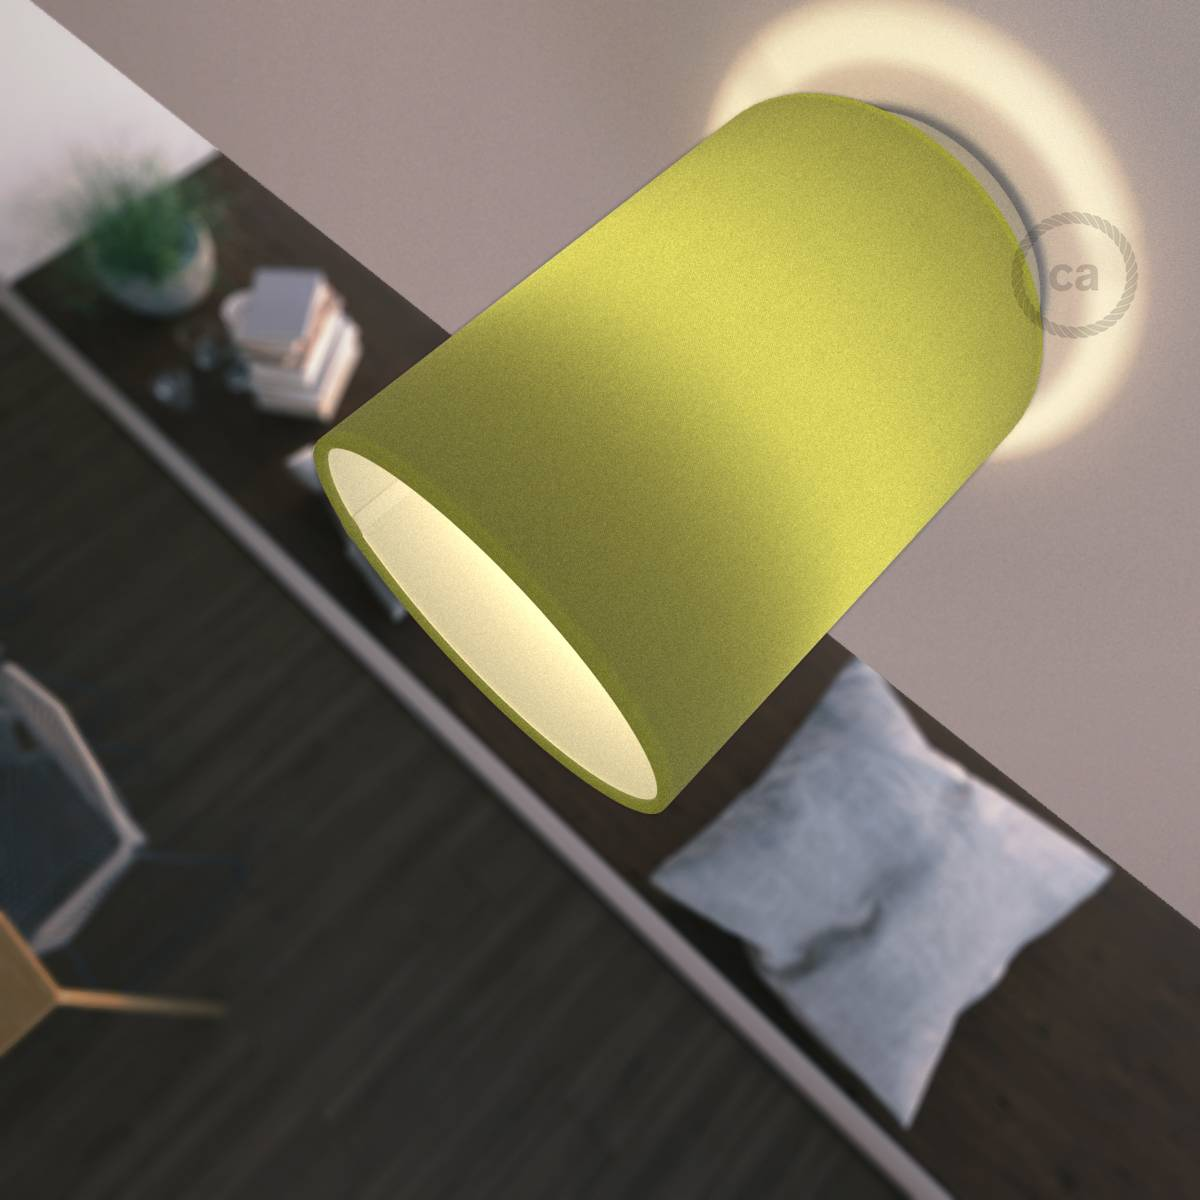 Abat Jour Cilindro fermaluce arrive avec un abat-jour cylindrique ! - creative